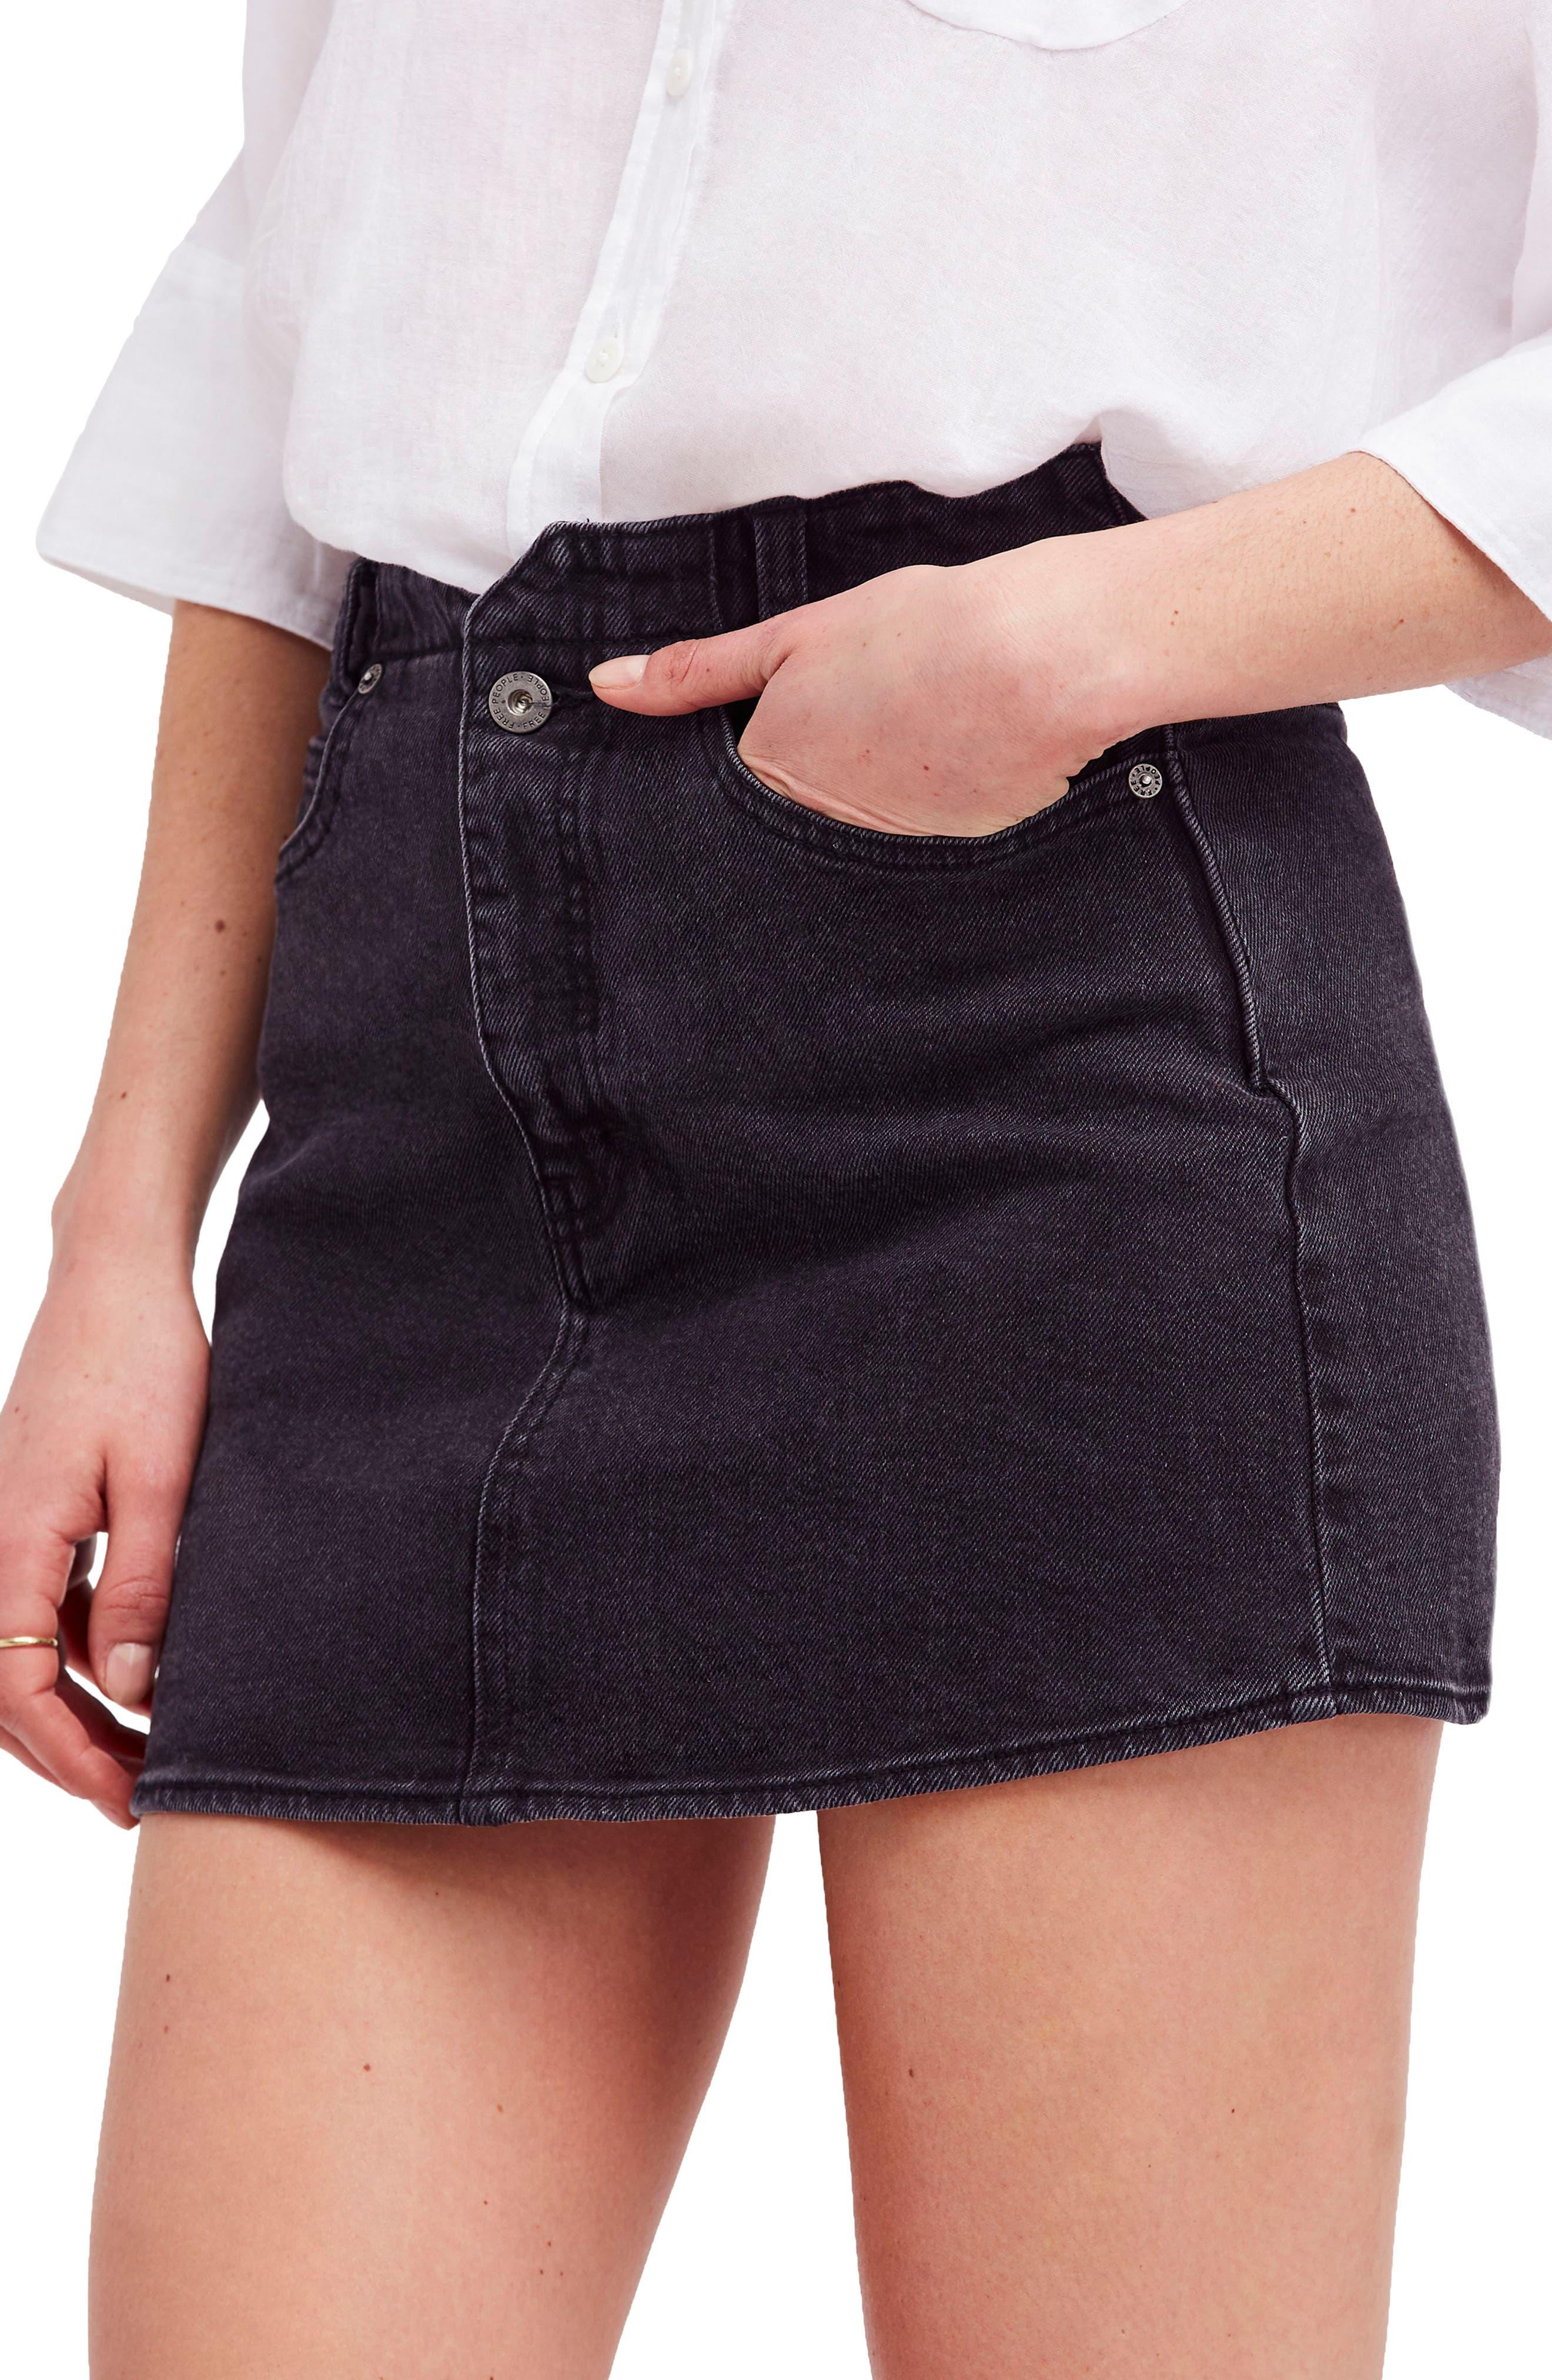 She's All That Denim Miniskirt,                         Main,                         color, Black